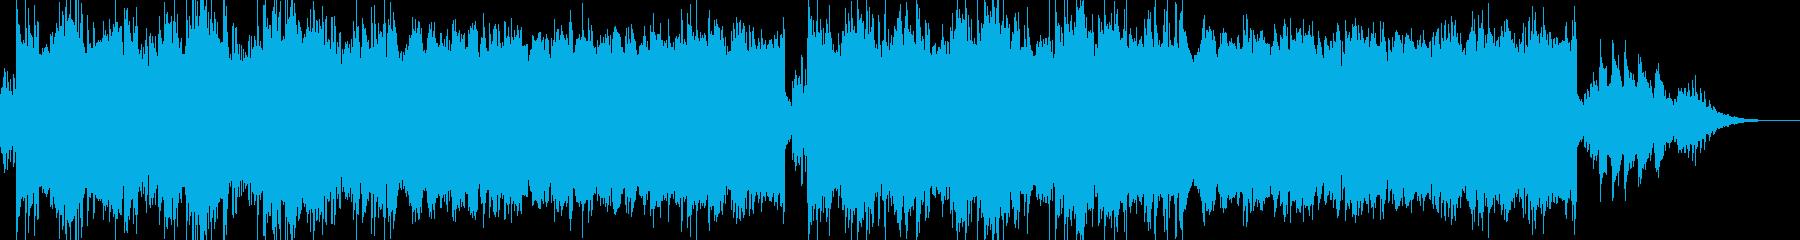 ピアノのアルペジオと浮遊感のあるBGMの再生済みの波形